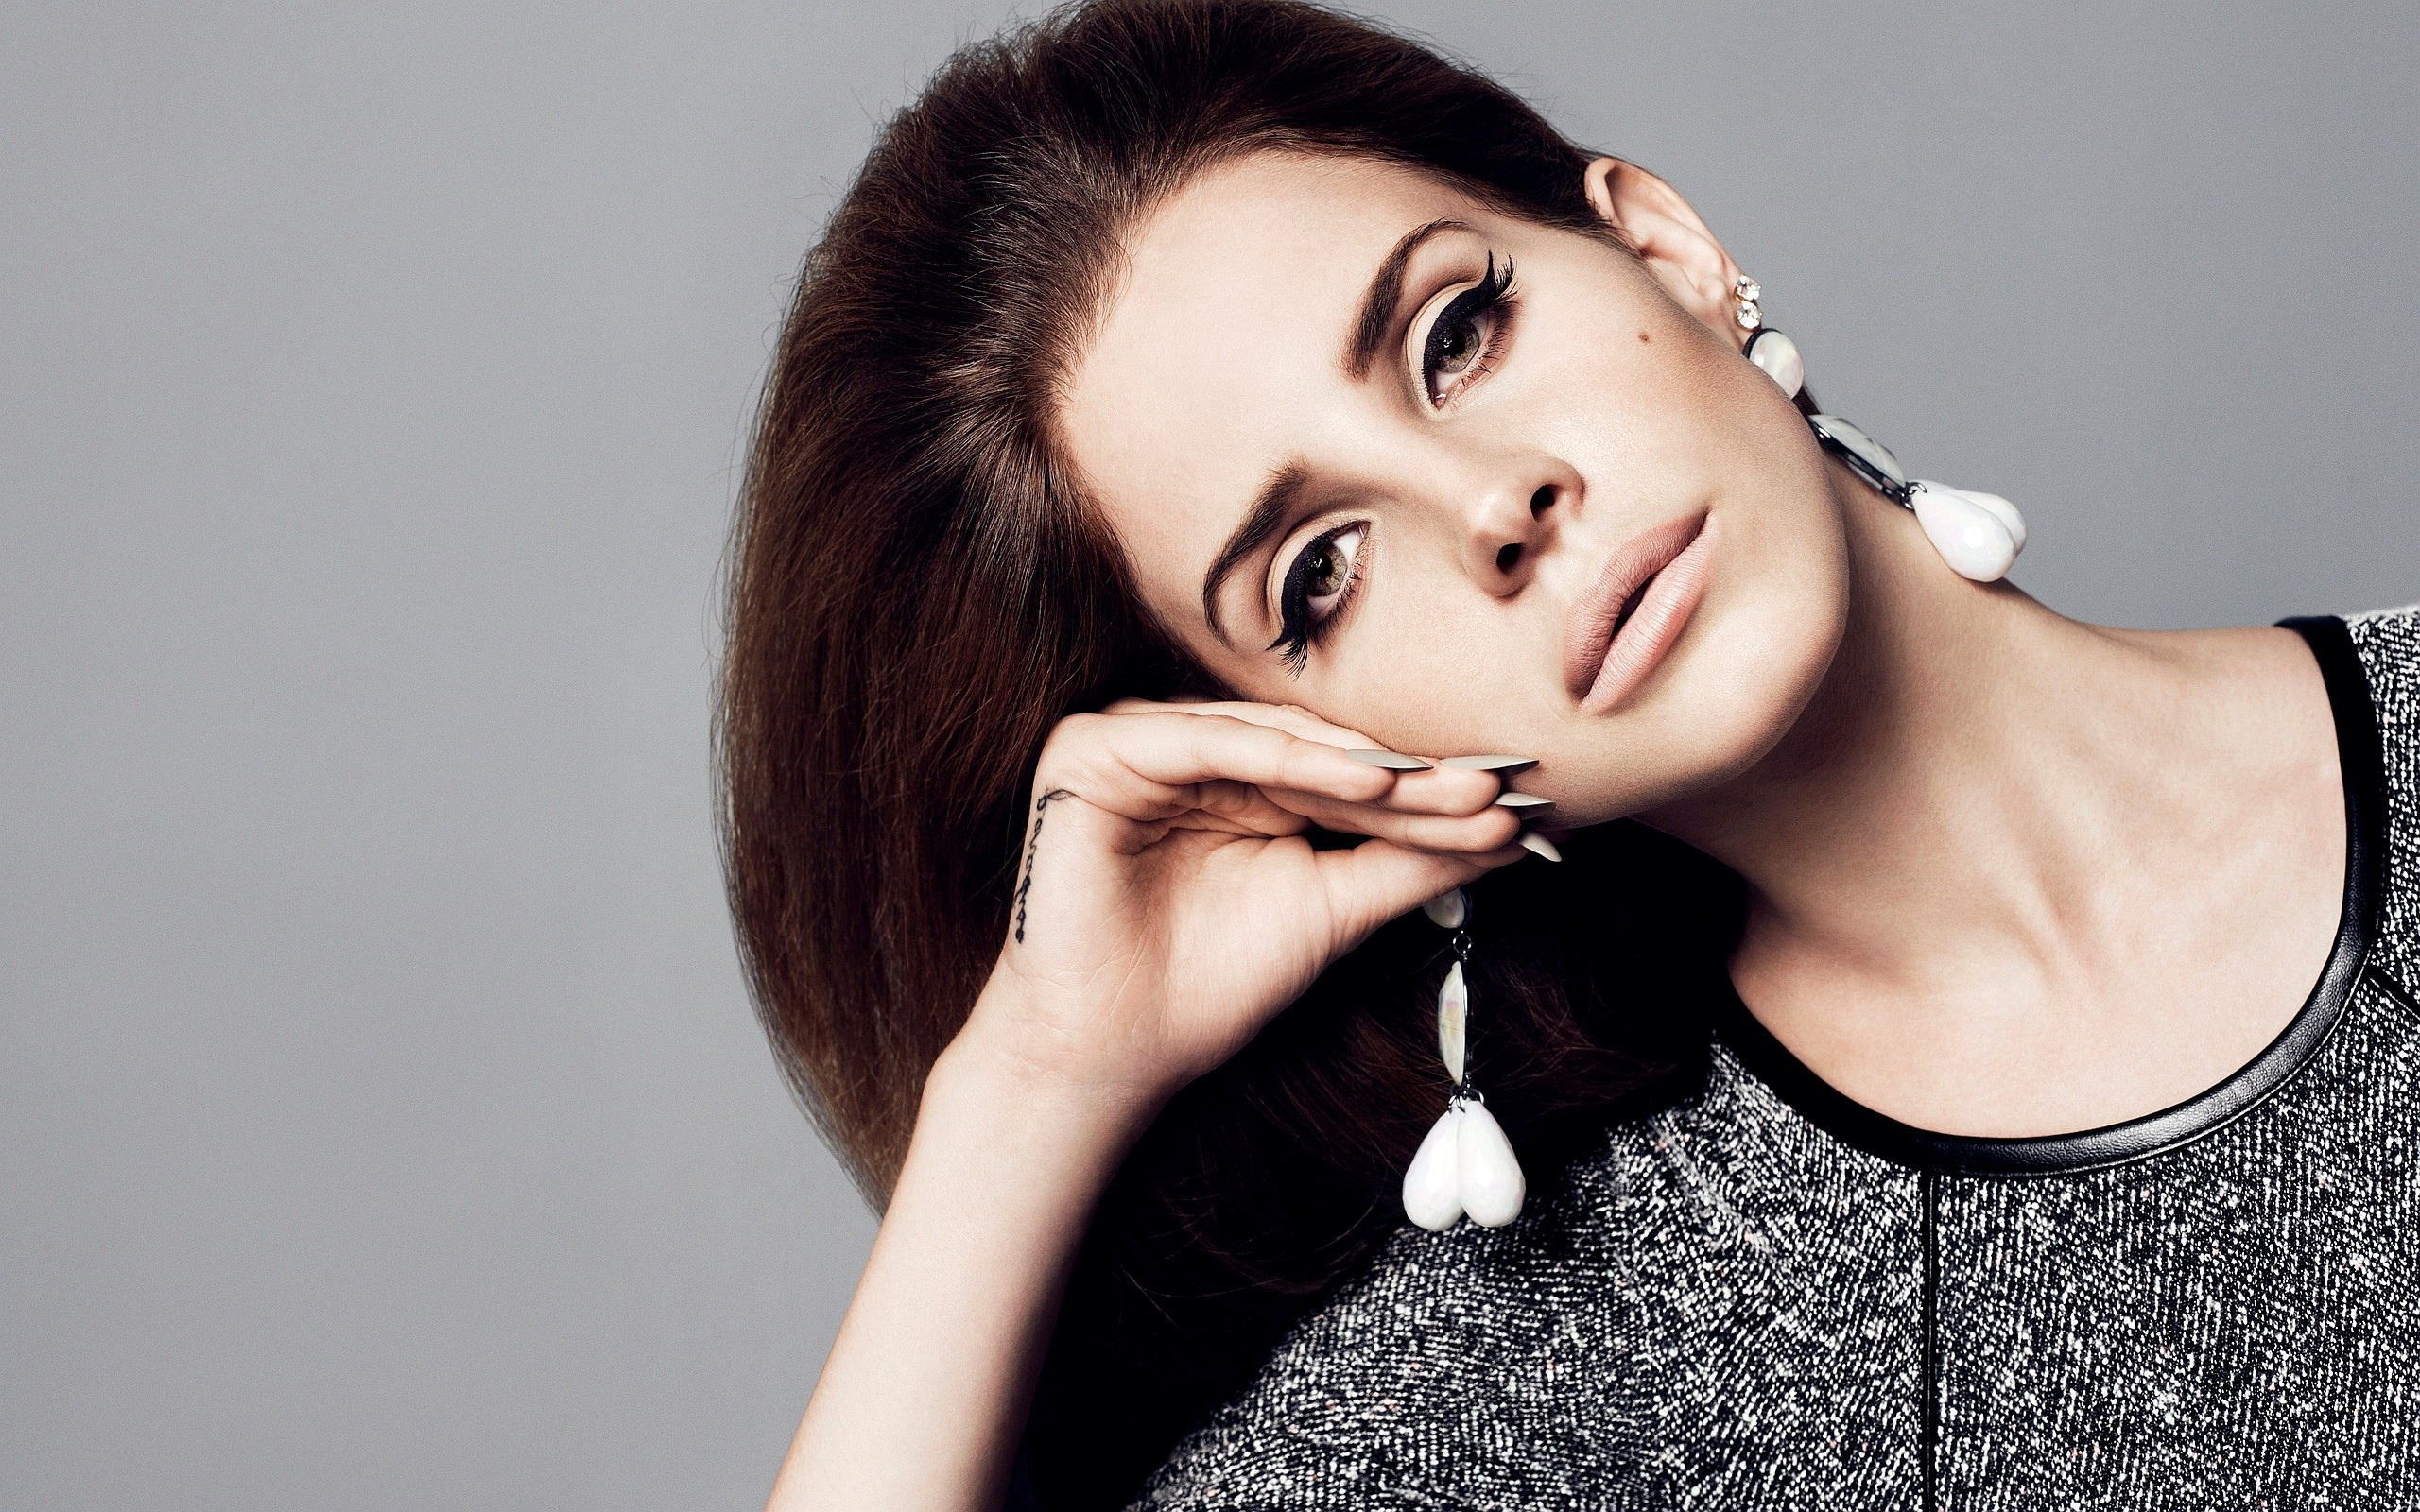 Lana Del Rey Face